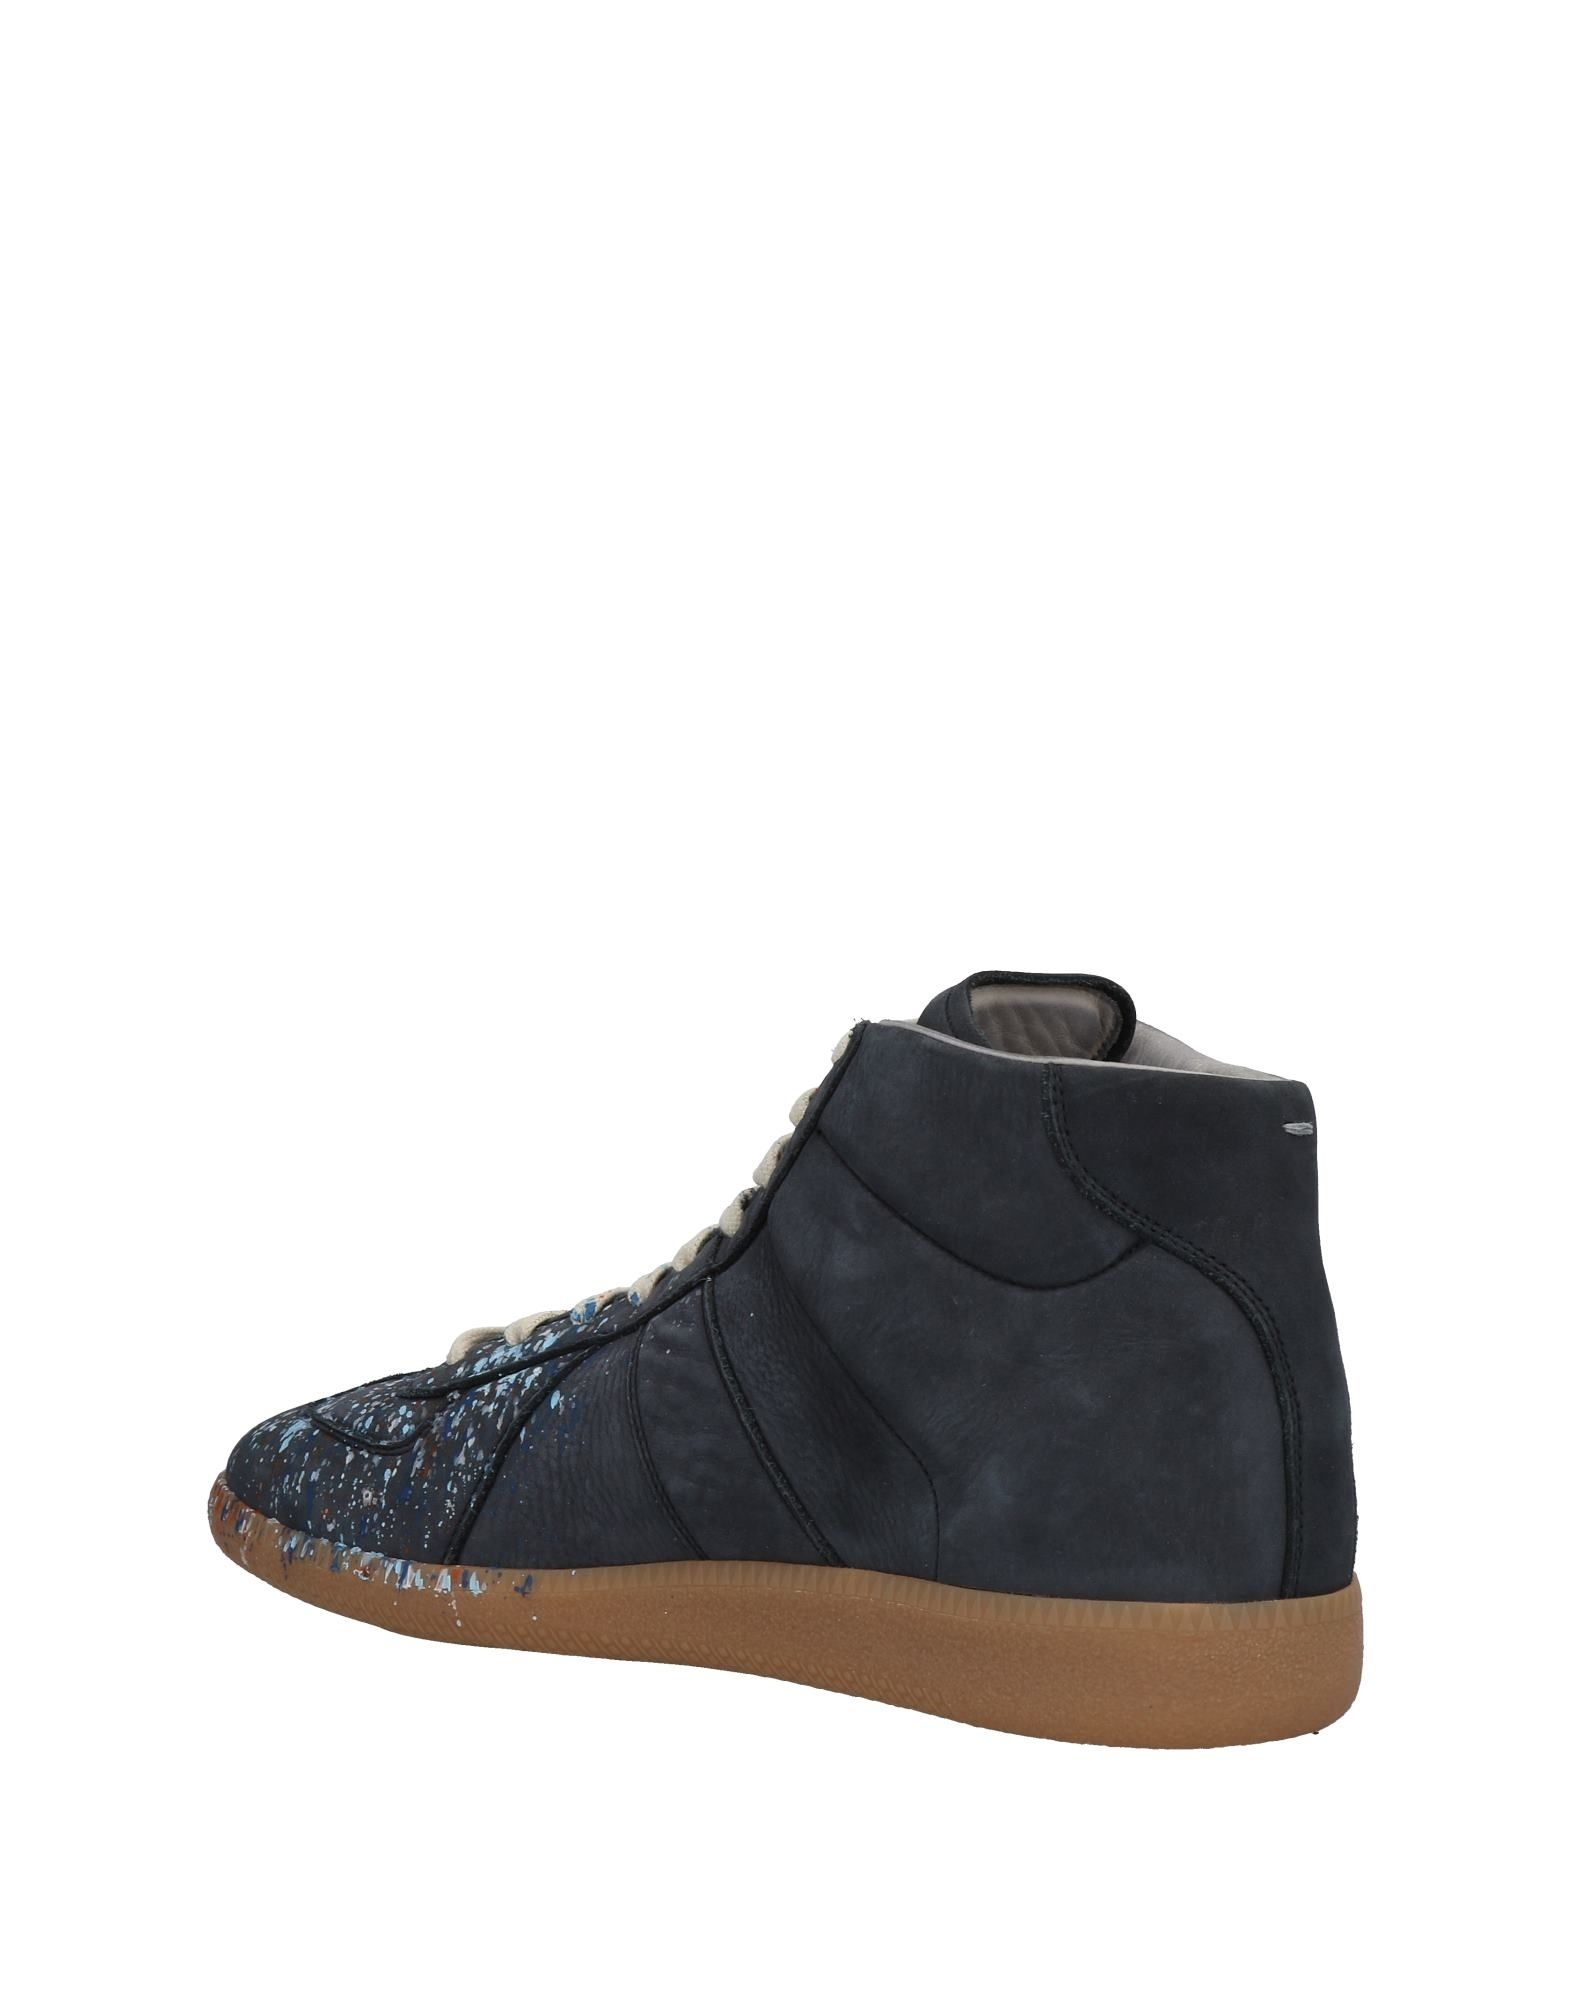 Maison Margiela Sneakers Herren  11472104SX Neue Schuhe